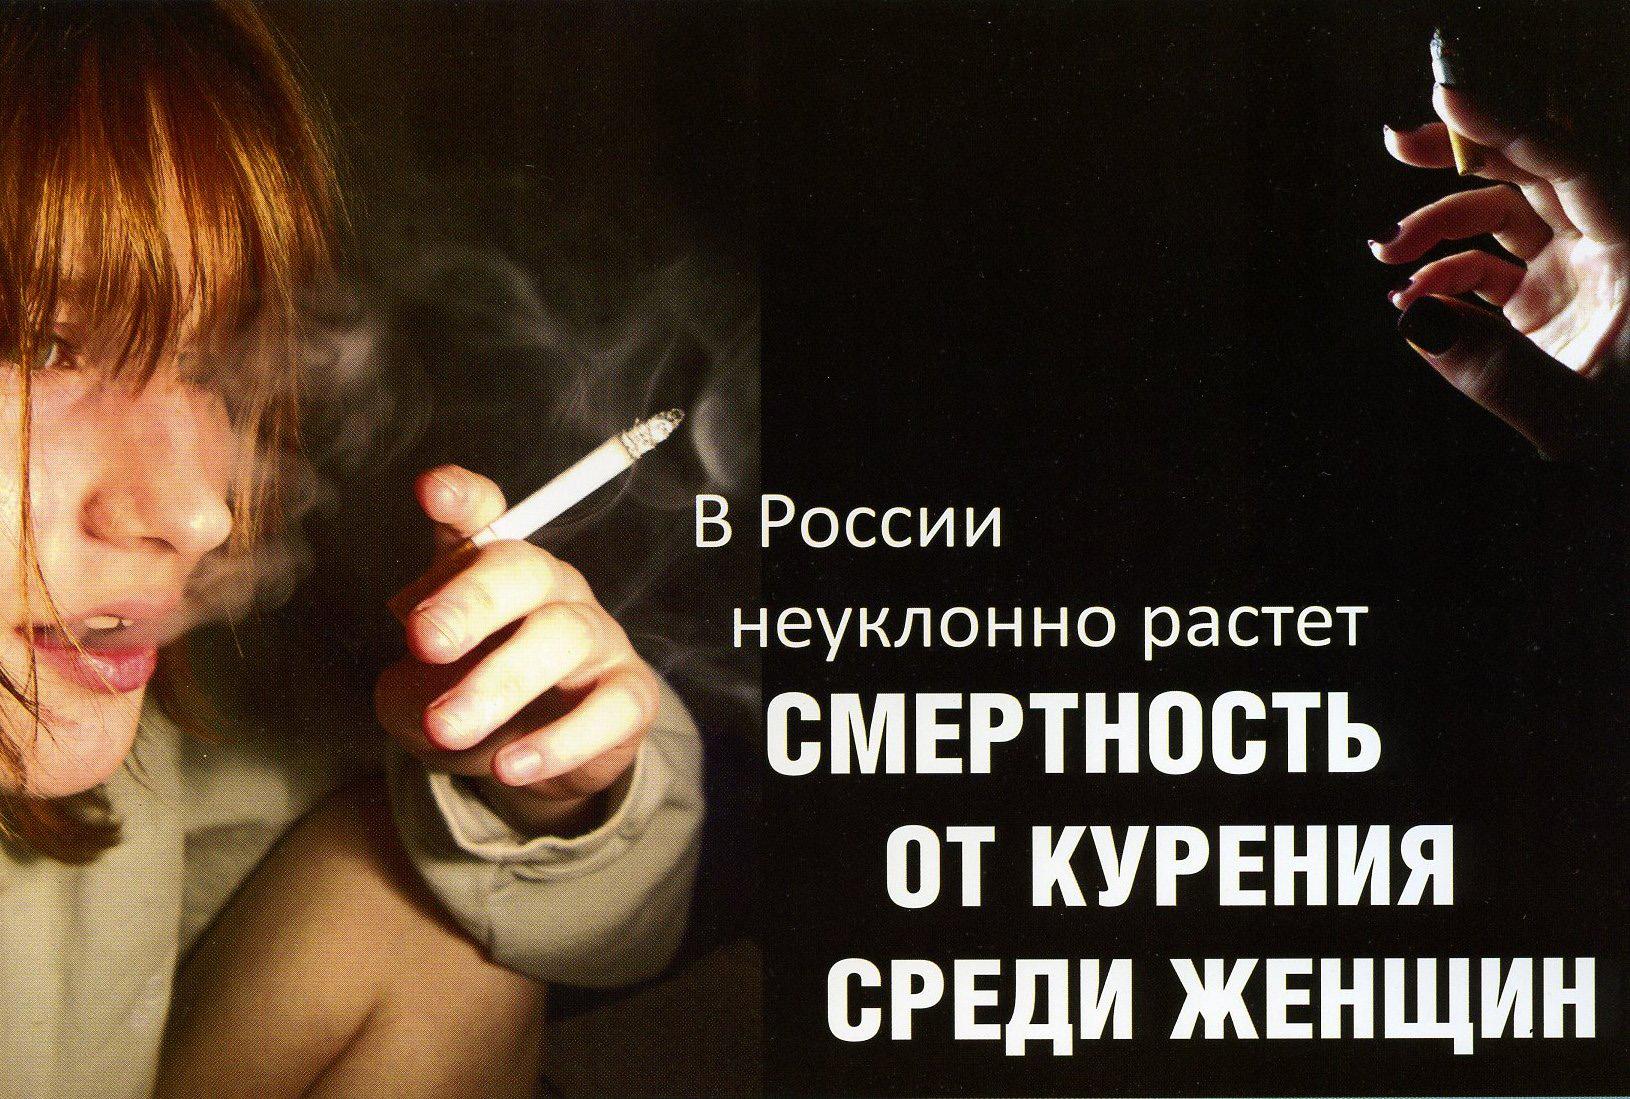 Характеристика личности наркотической и алкогольной зависимости